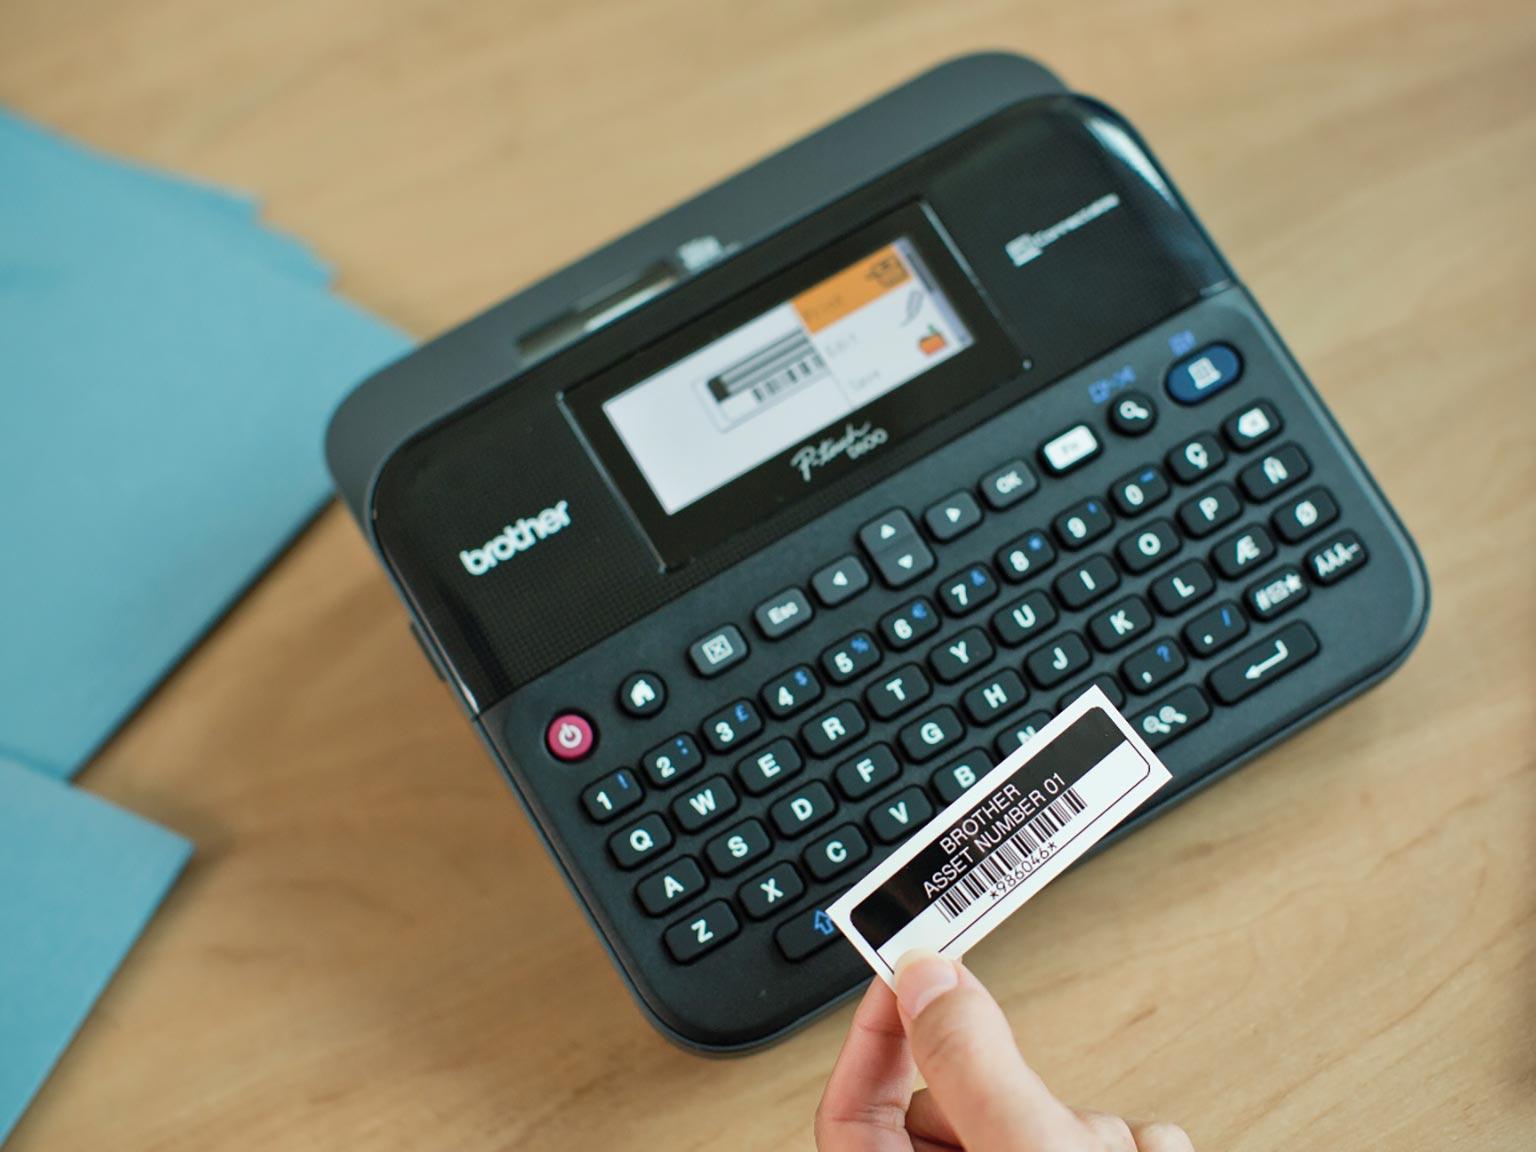 Tiskalnik nalepk Brother P-touch D600 z roko, ki drži nalepko za inventar